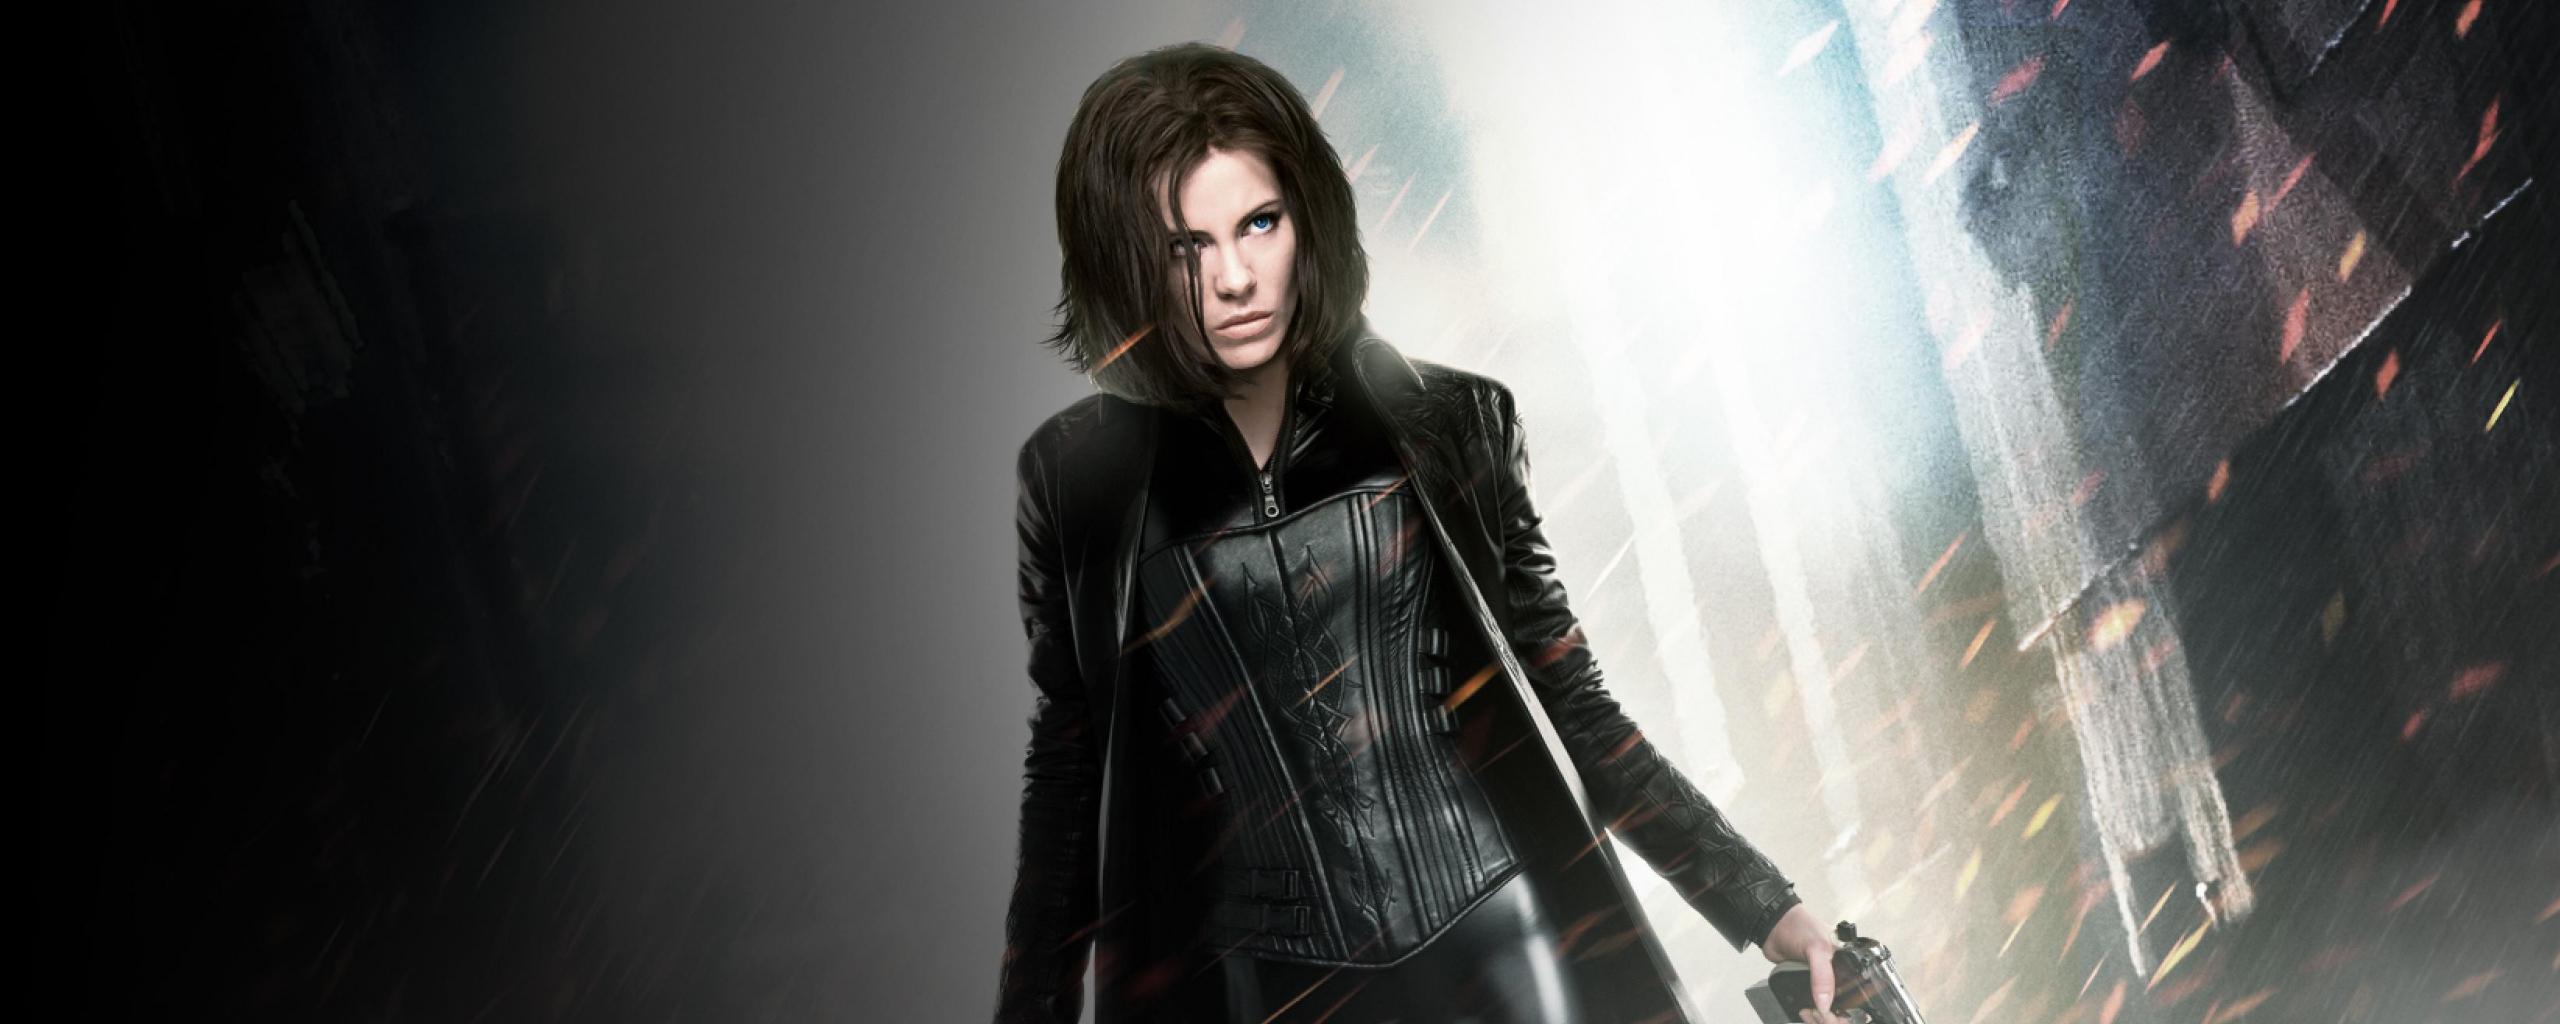 Vampire, Kate Beckinsale, Underworld, movie, 2560x1024 wallpaper